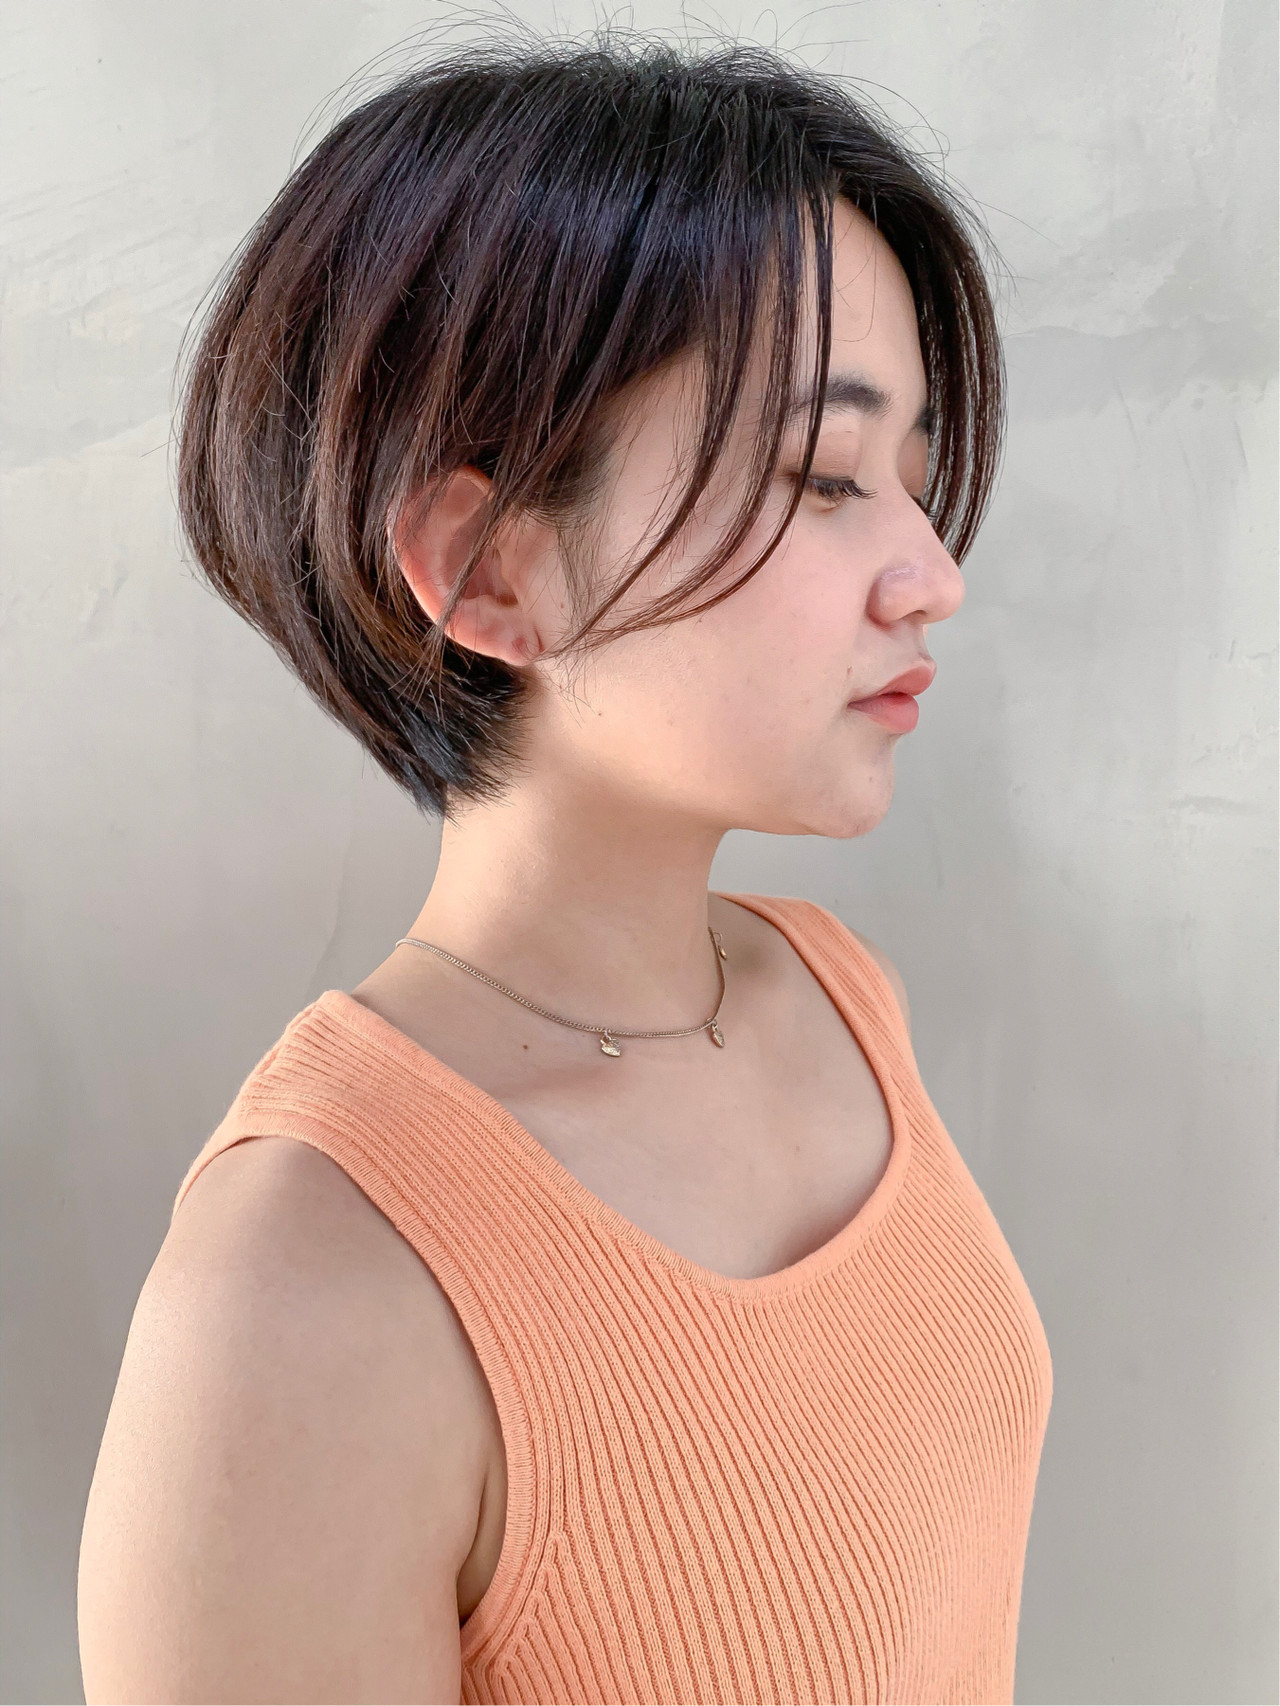 ショート メイク 大人可愛い コスメ・メイク ヘアスタイルや髪型の写真・画像